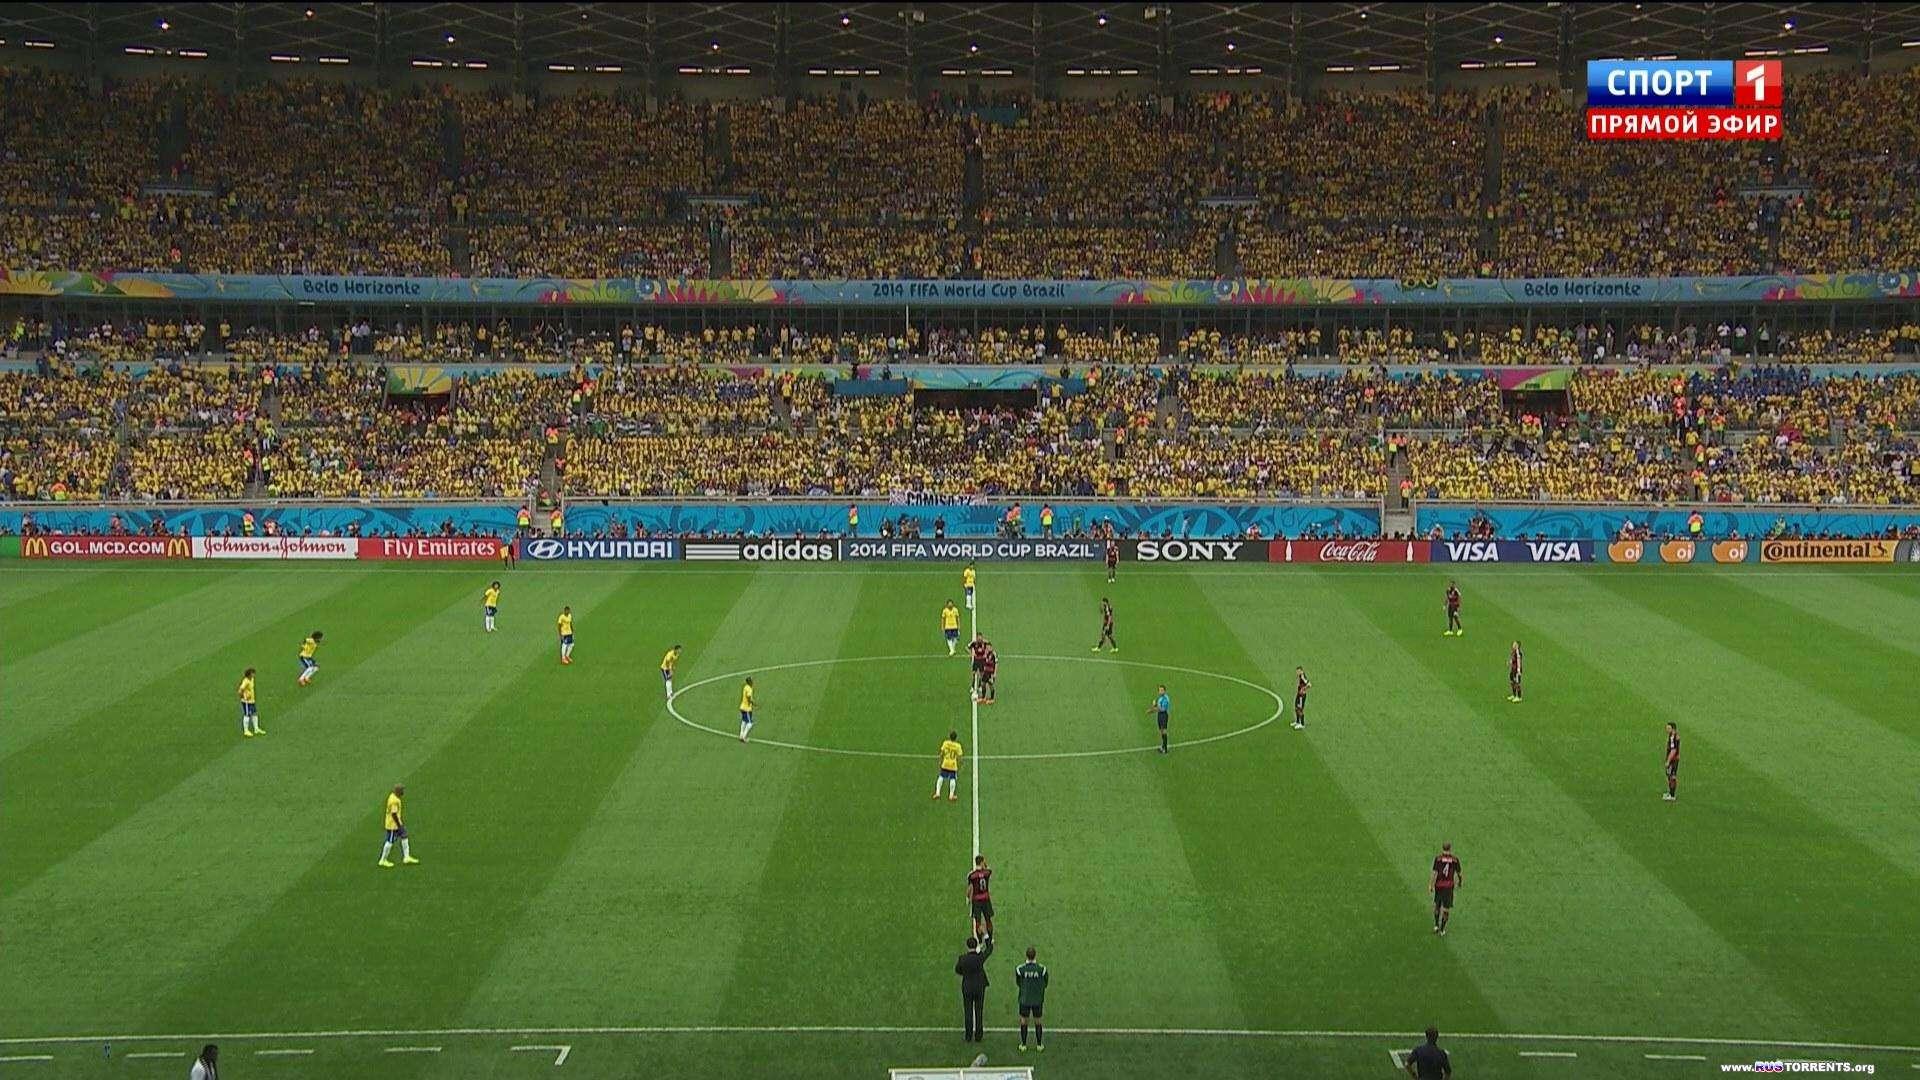 Футбол. Чемпионат мира 2014. 1/2 финала. Бразилия – Германия + Превью | HDTV 1080i